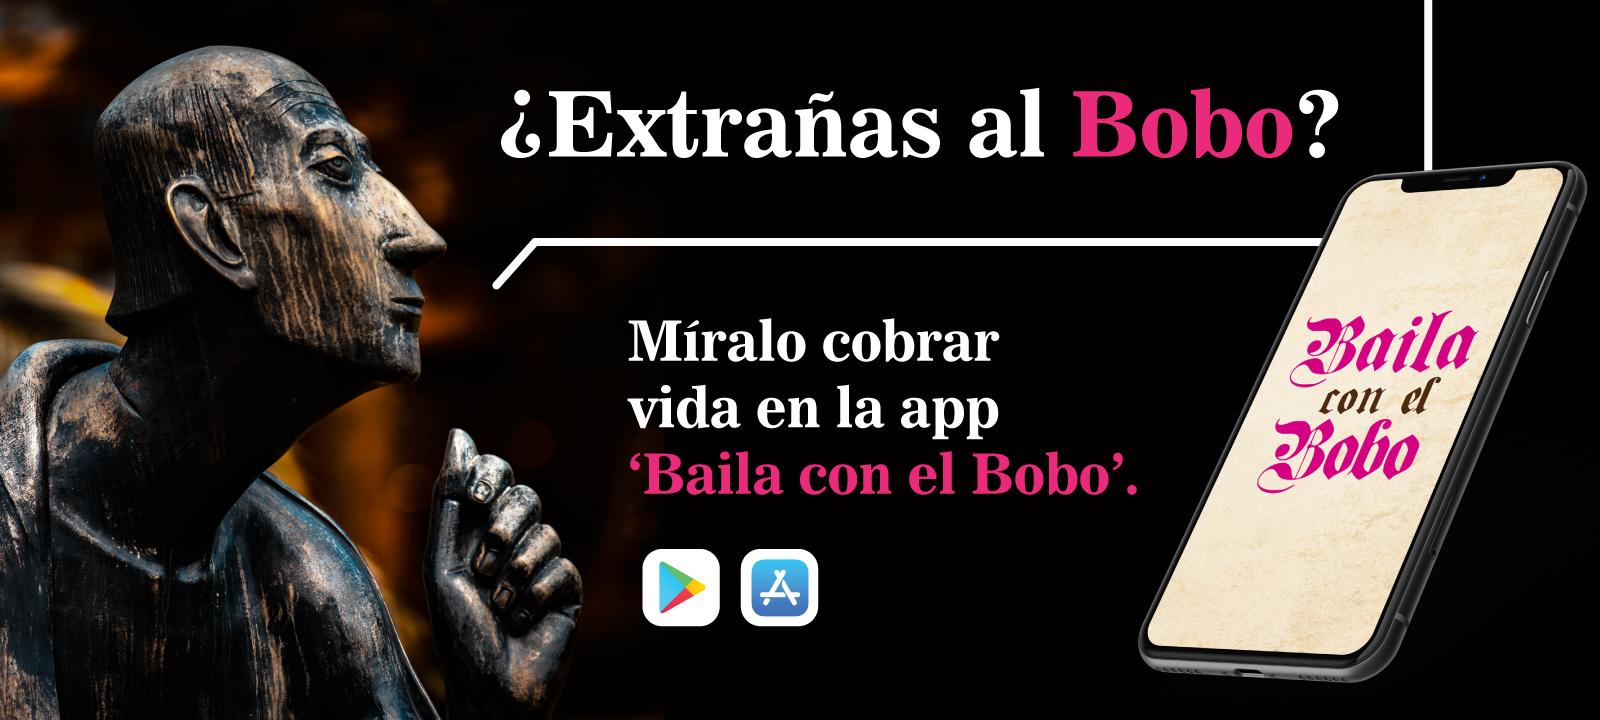 App 'Baila con el Bobo' - Universidad de los Andes